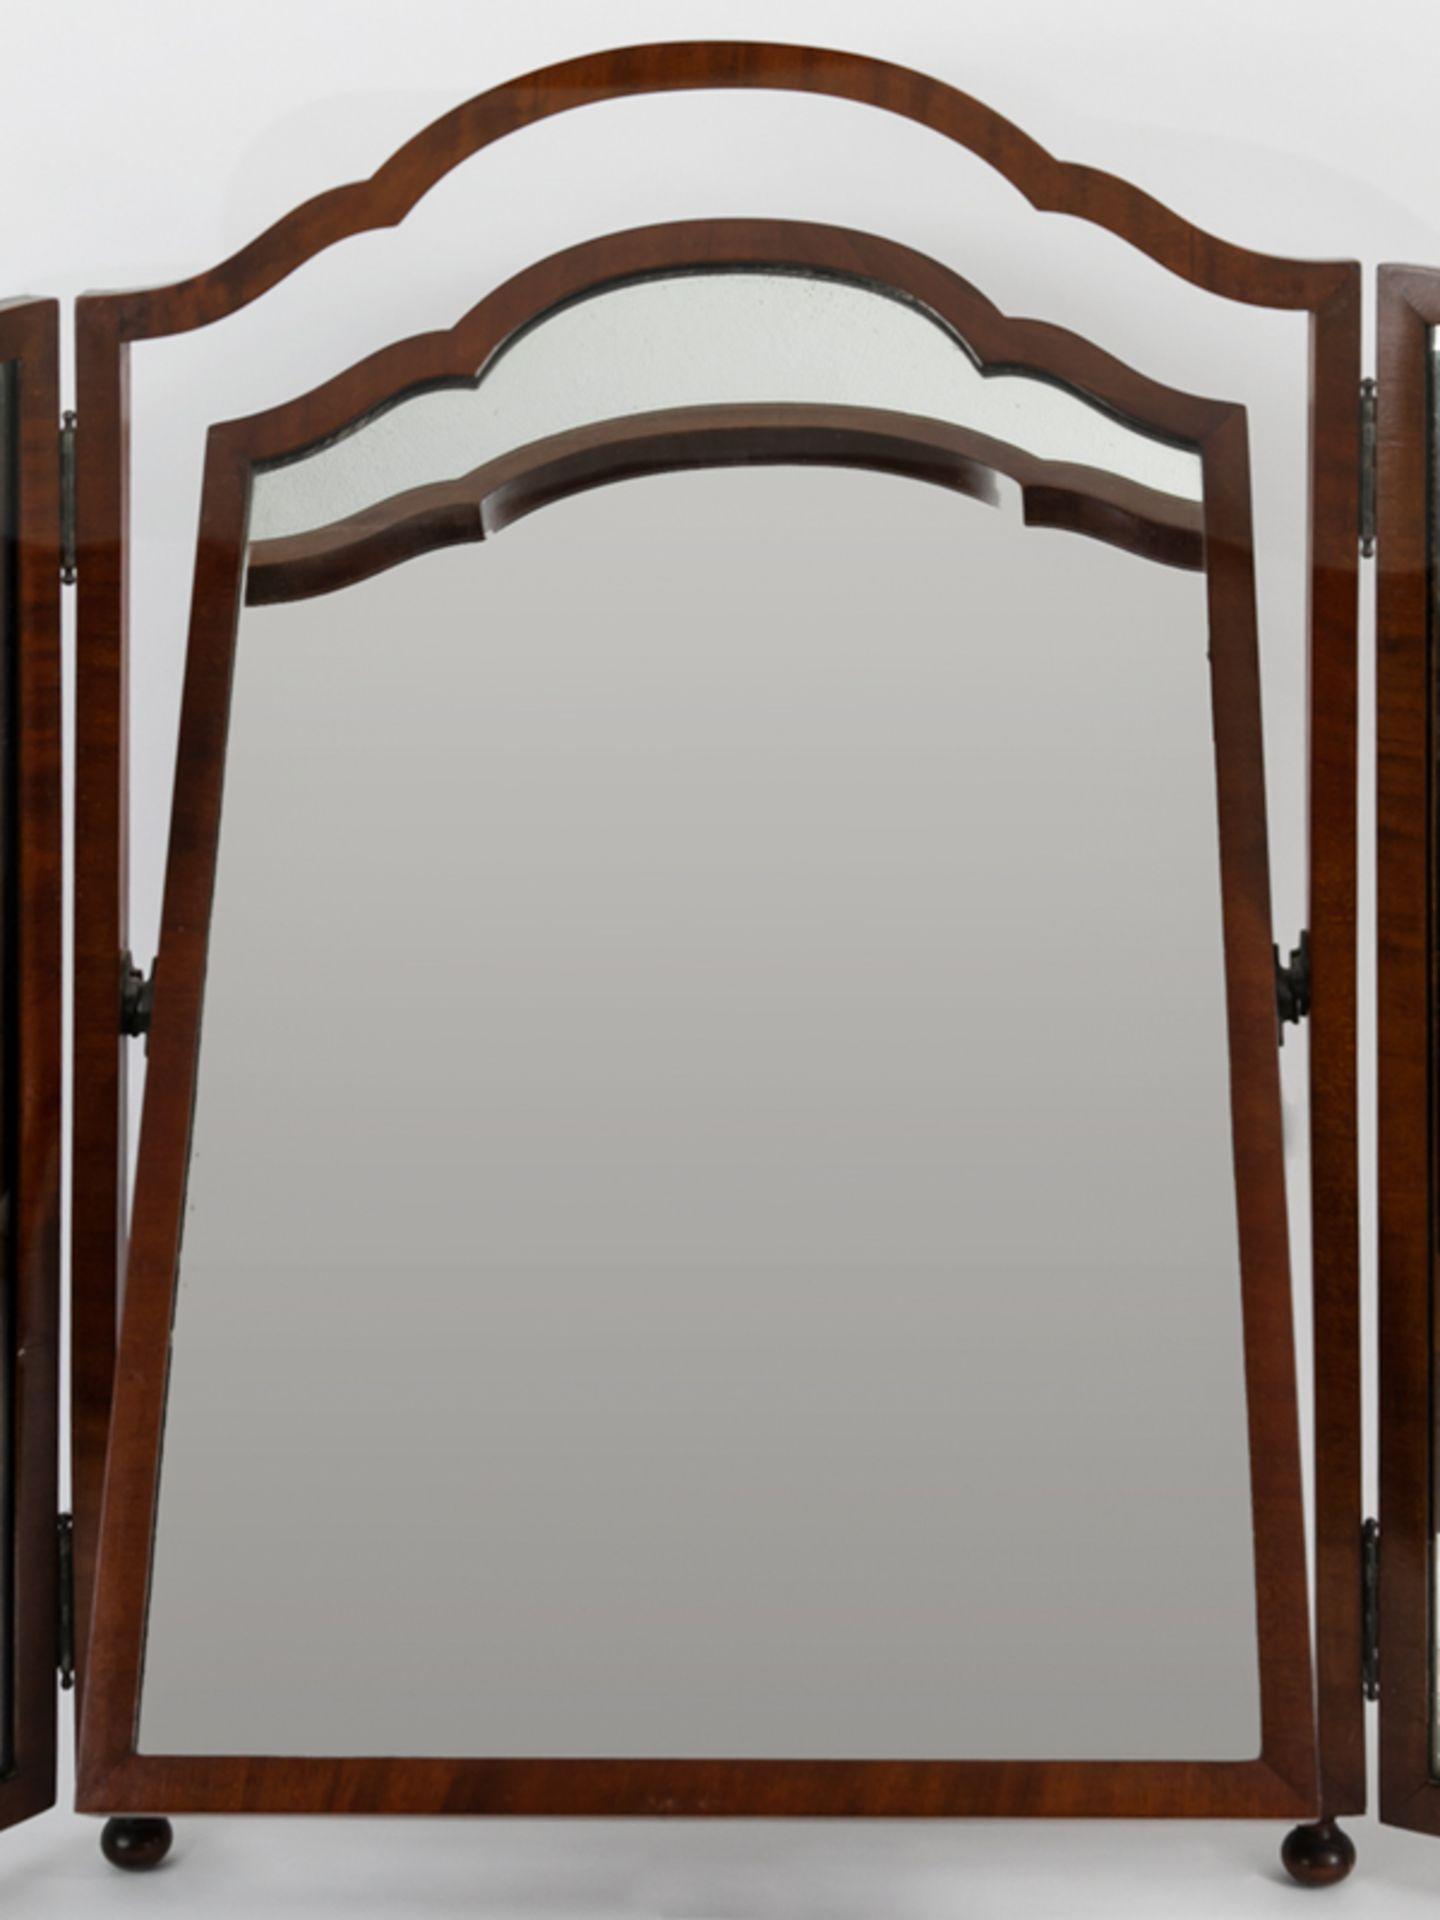 Kommodenklappspiegel, England (?), 20.Jh. Mahagoni. Dreiteilig. Auf vier kleinen gedrückten Ku - Bild 2 aus 4